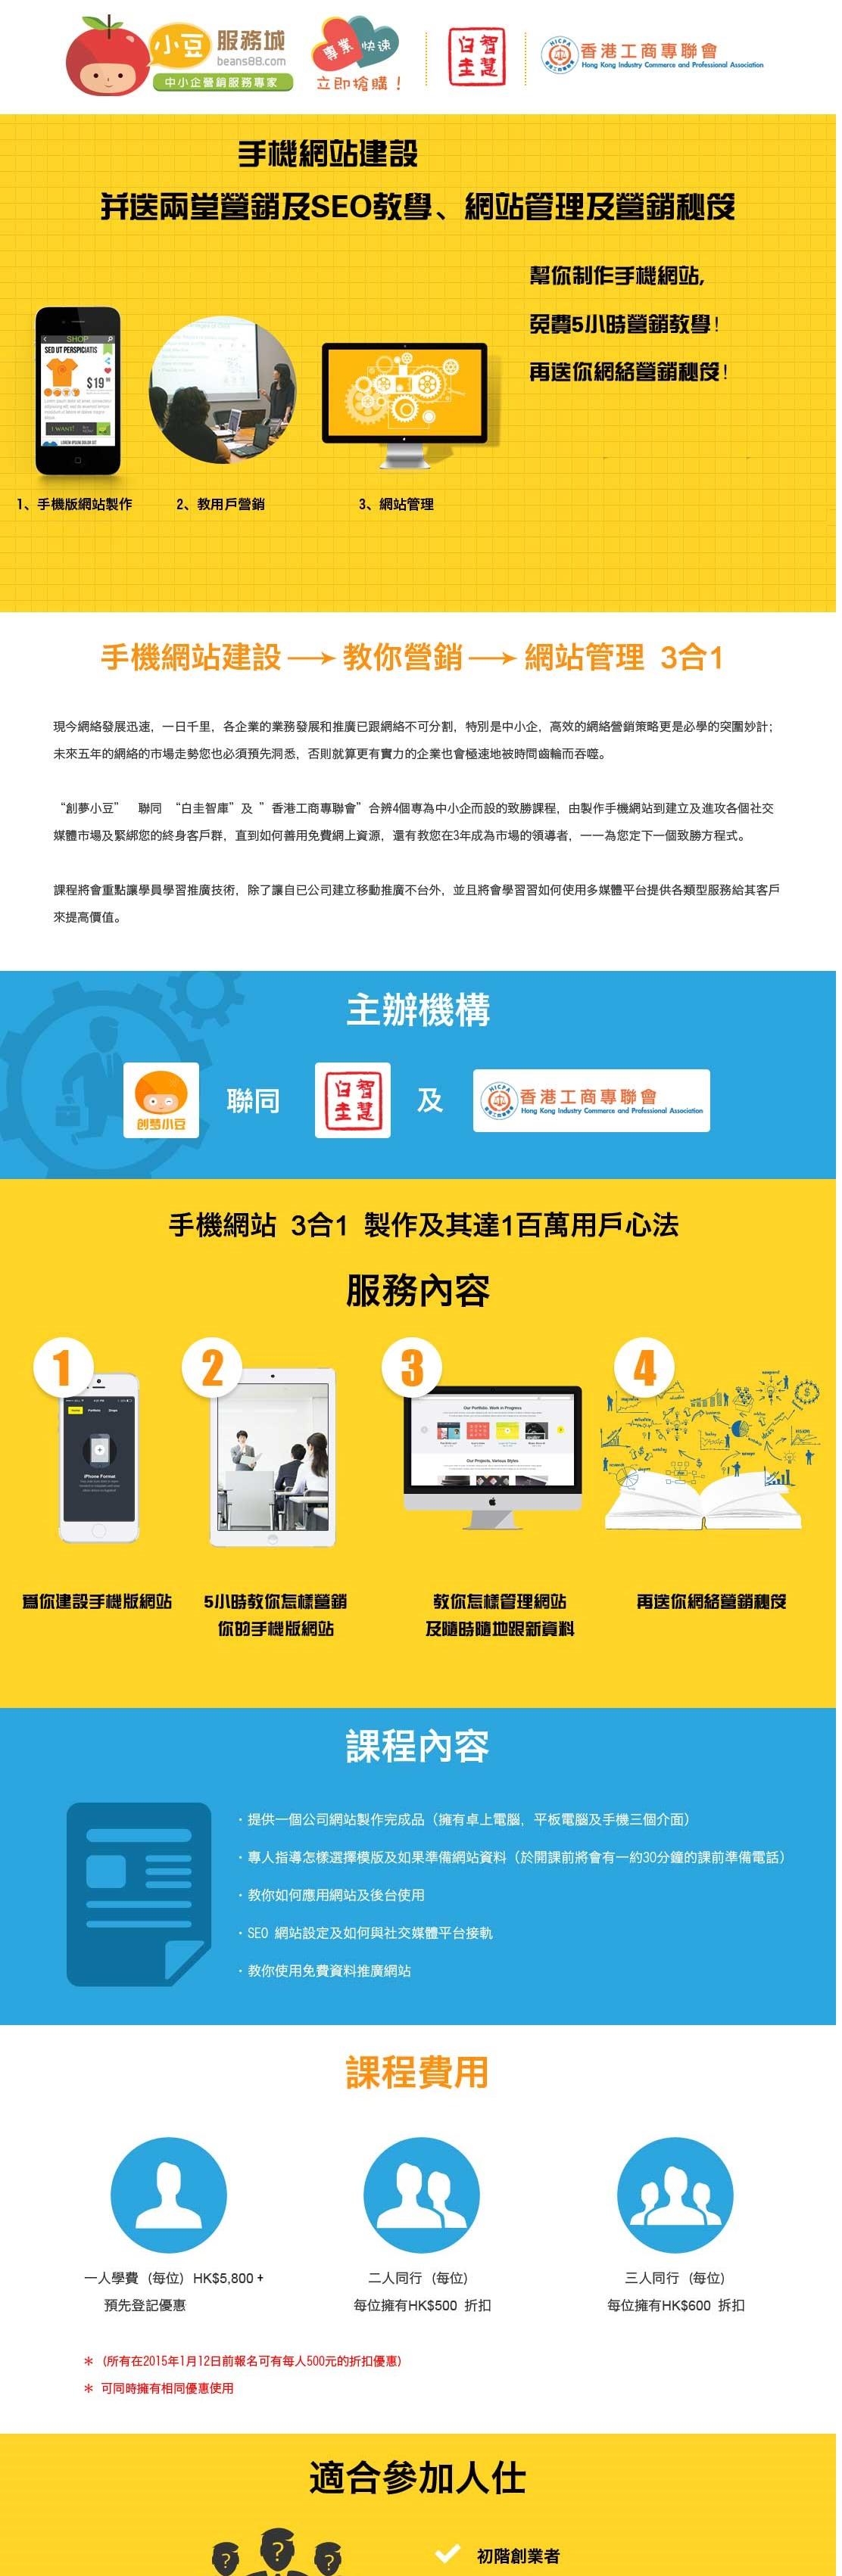 3to1 webdesign 手機網站建設, 免費營銷教學!再送你網絡營銷秘笈!